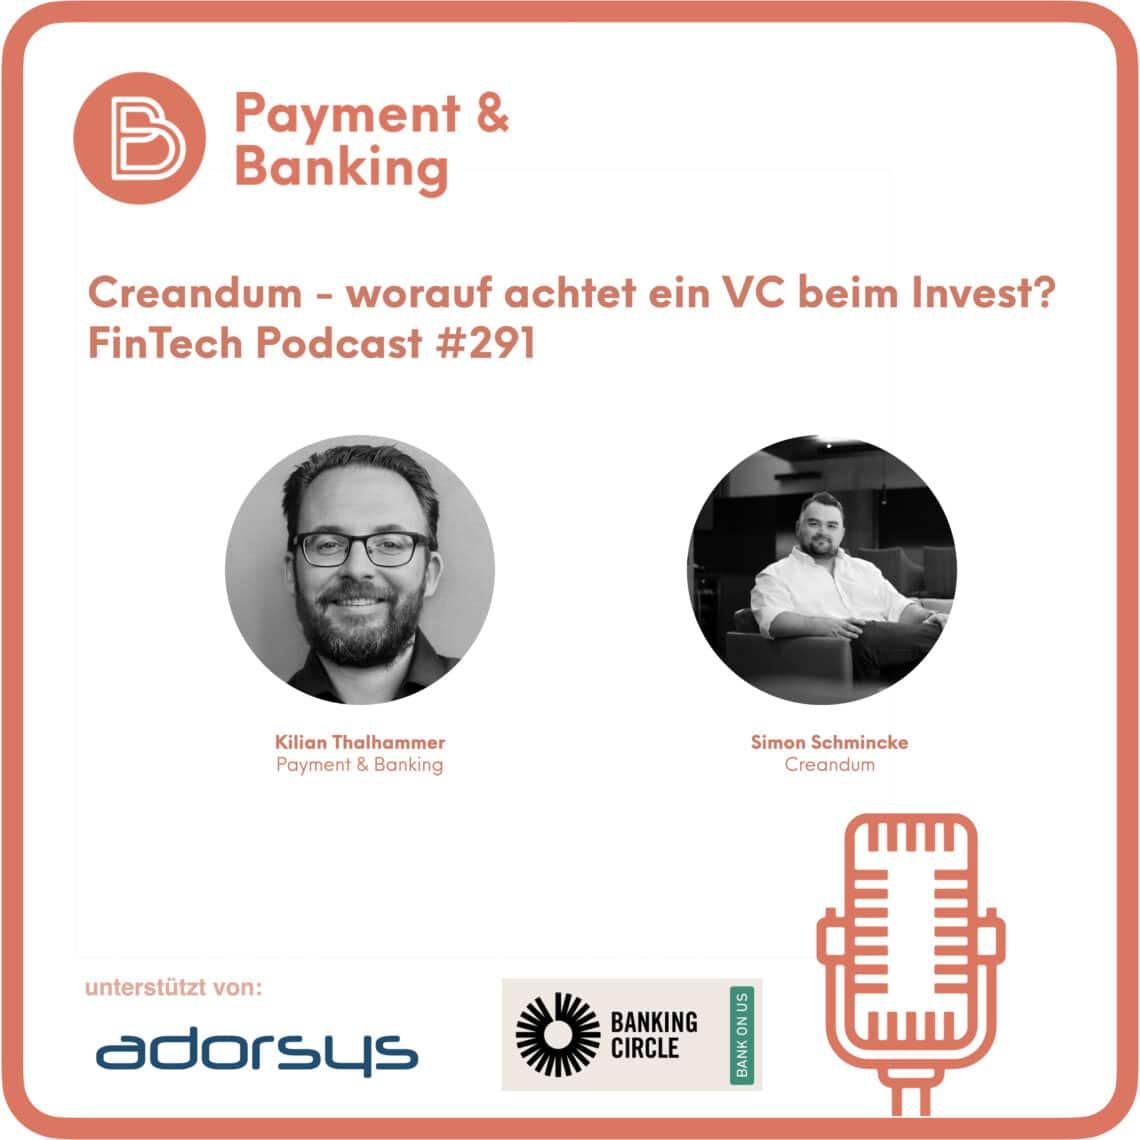 Creandum - worauf achtet ein VC beim Invest